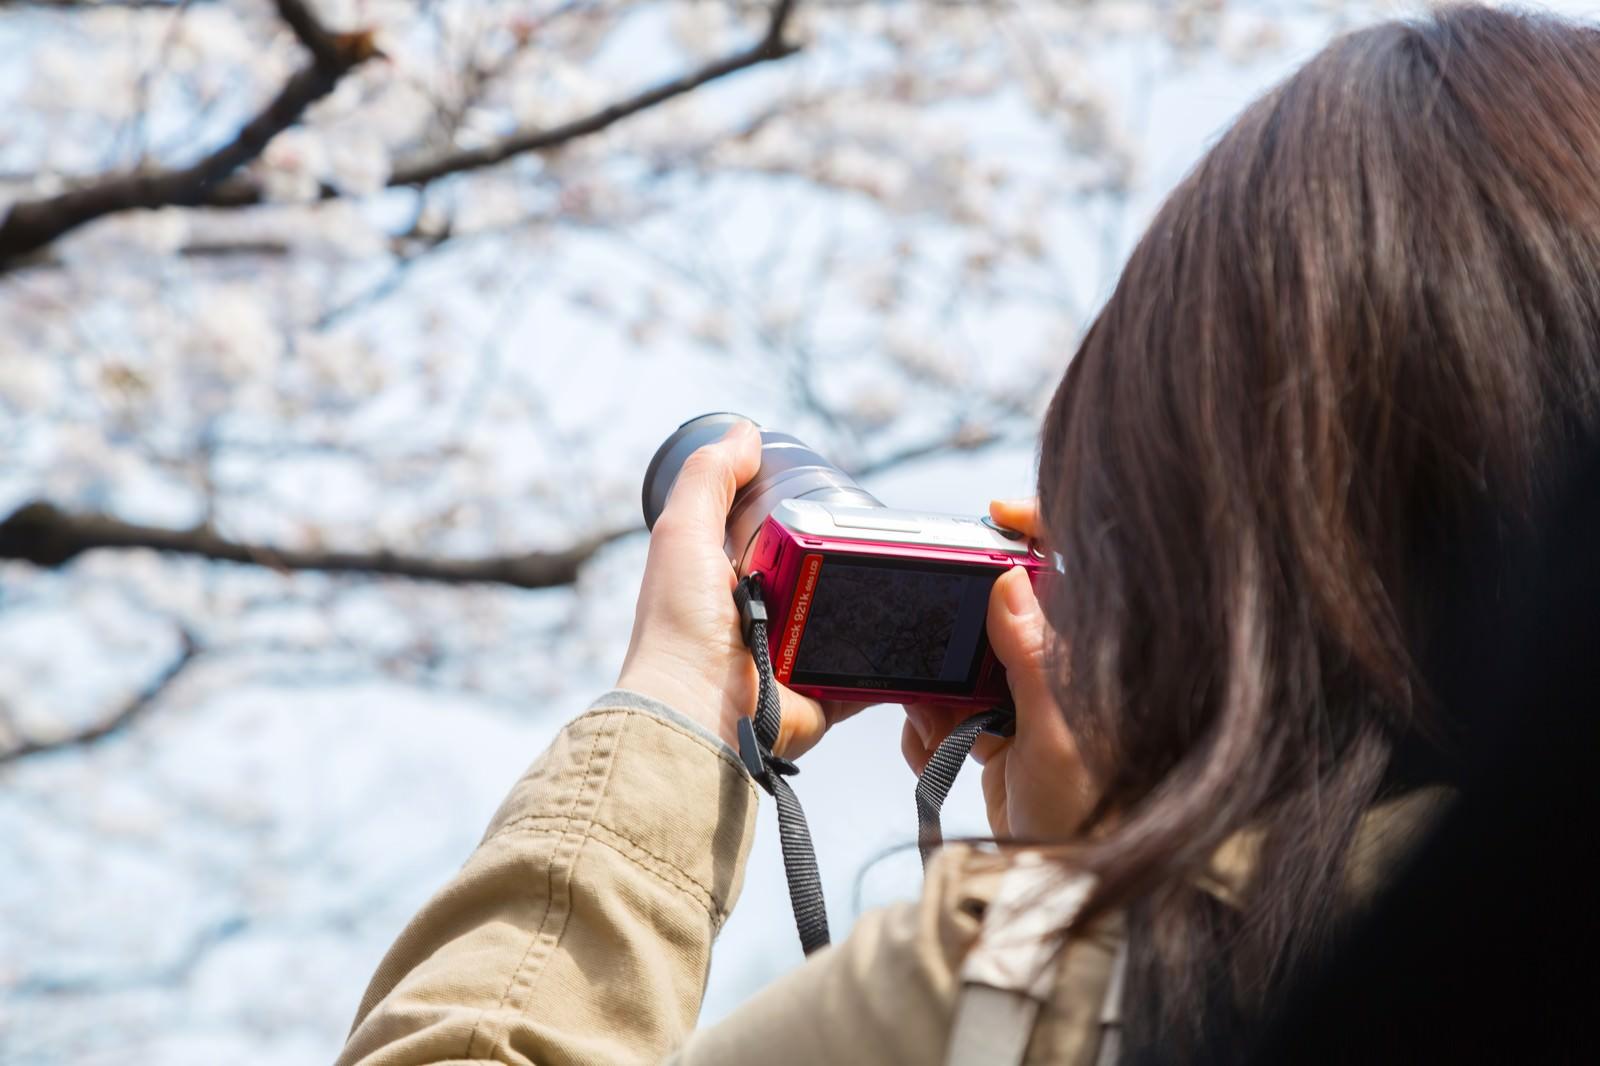 「桜をミラーレスカメラで撮影する女性」の写真